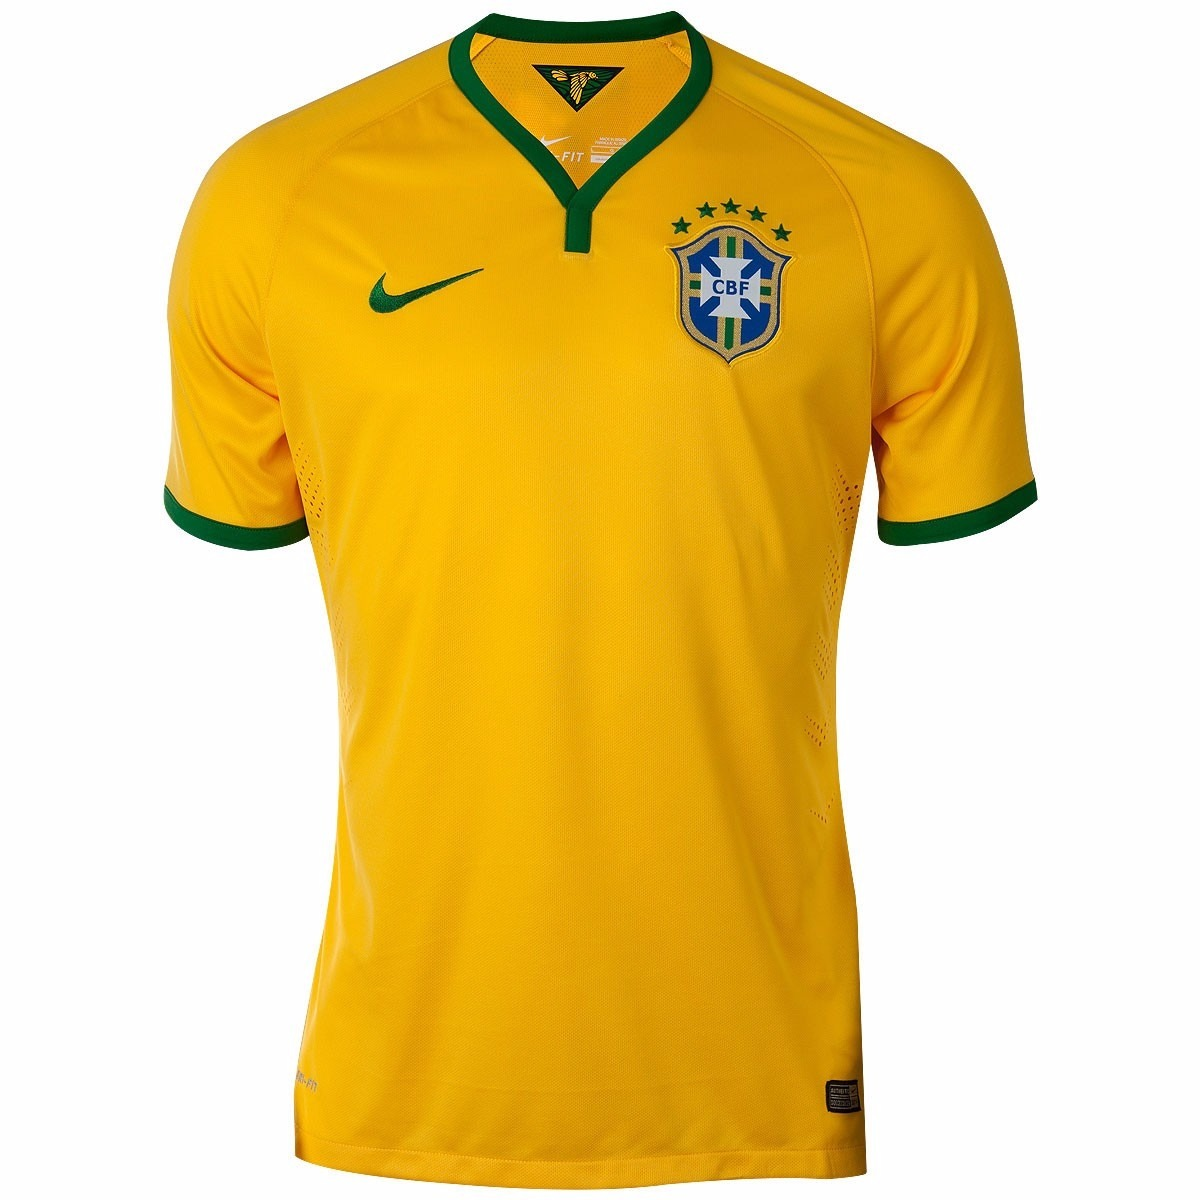 e107d7274b556 camisa seleção brasileira 2014 2015 modelo jogador. Carregando zoom.